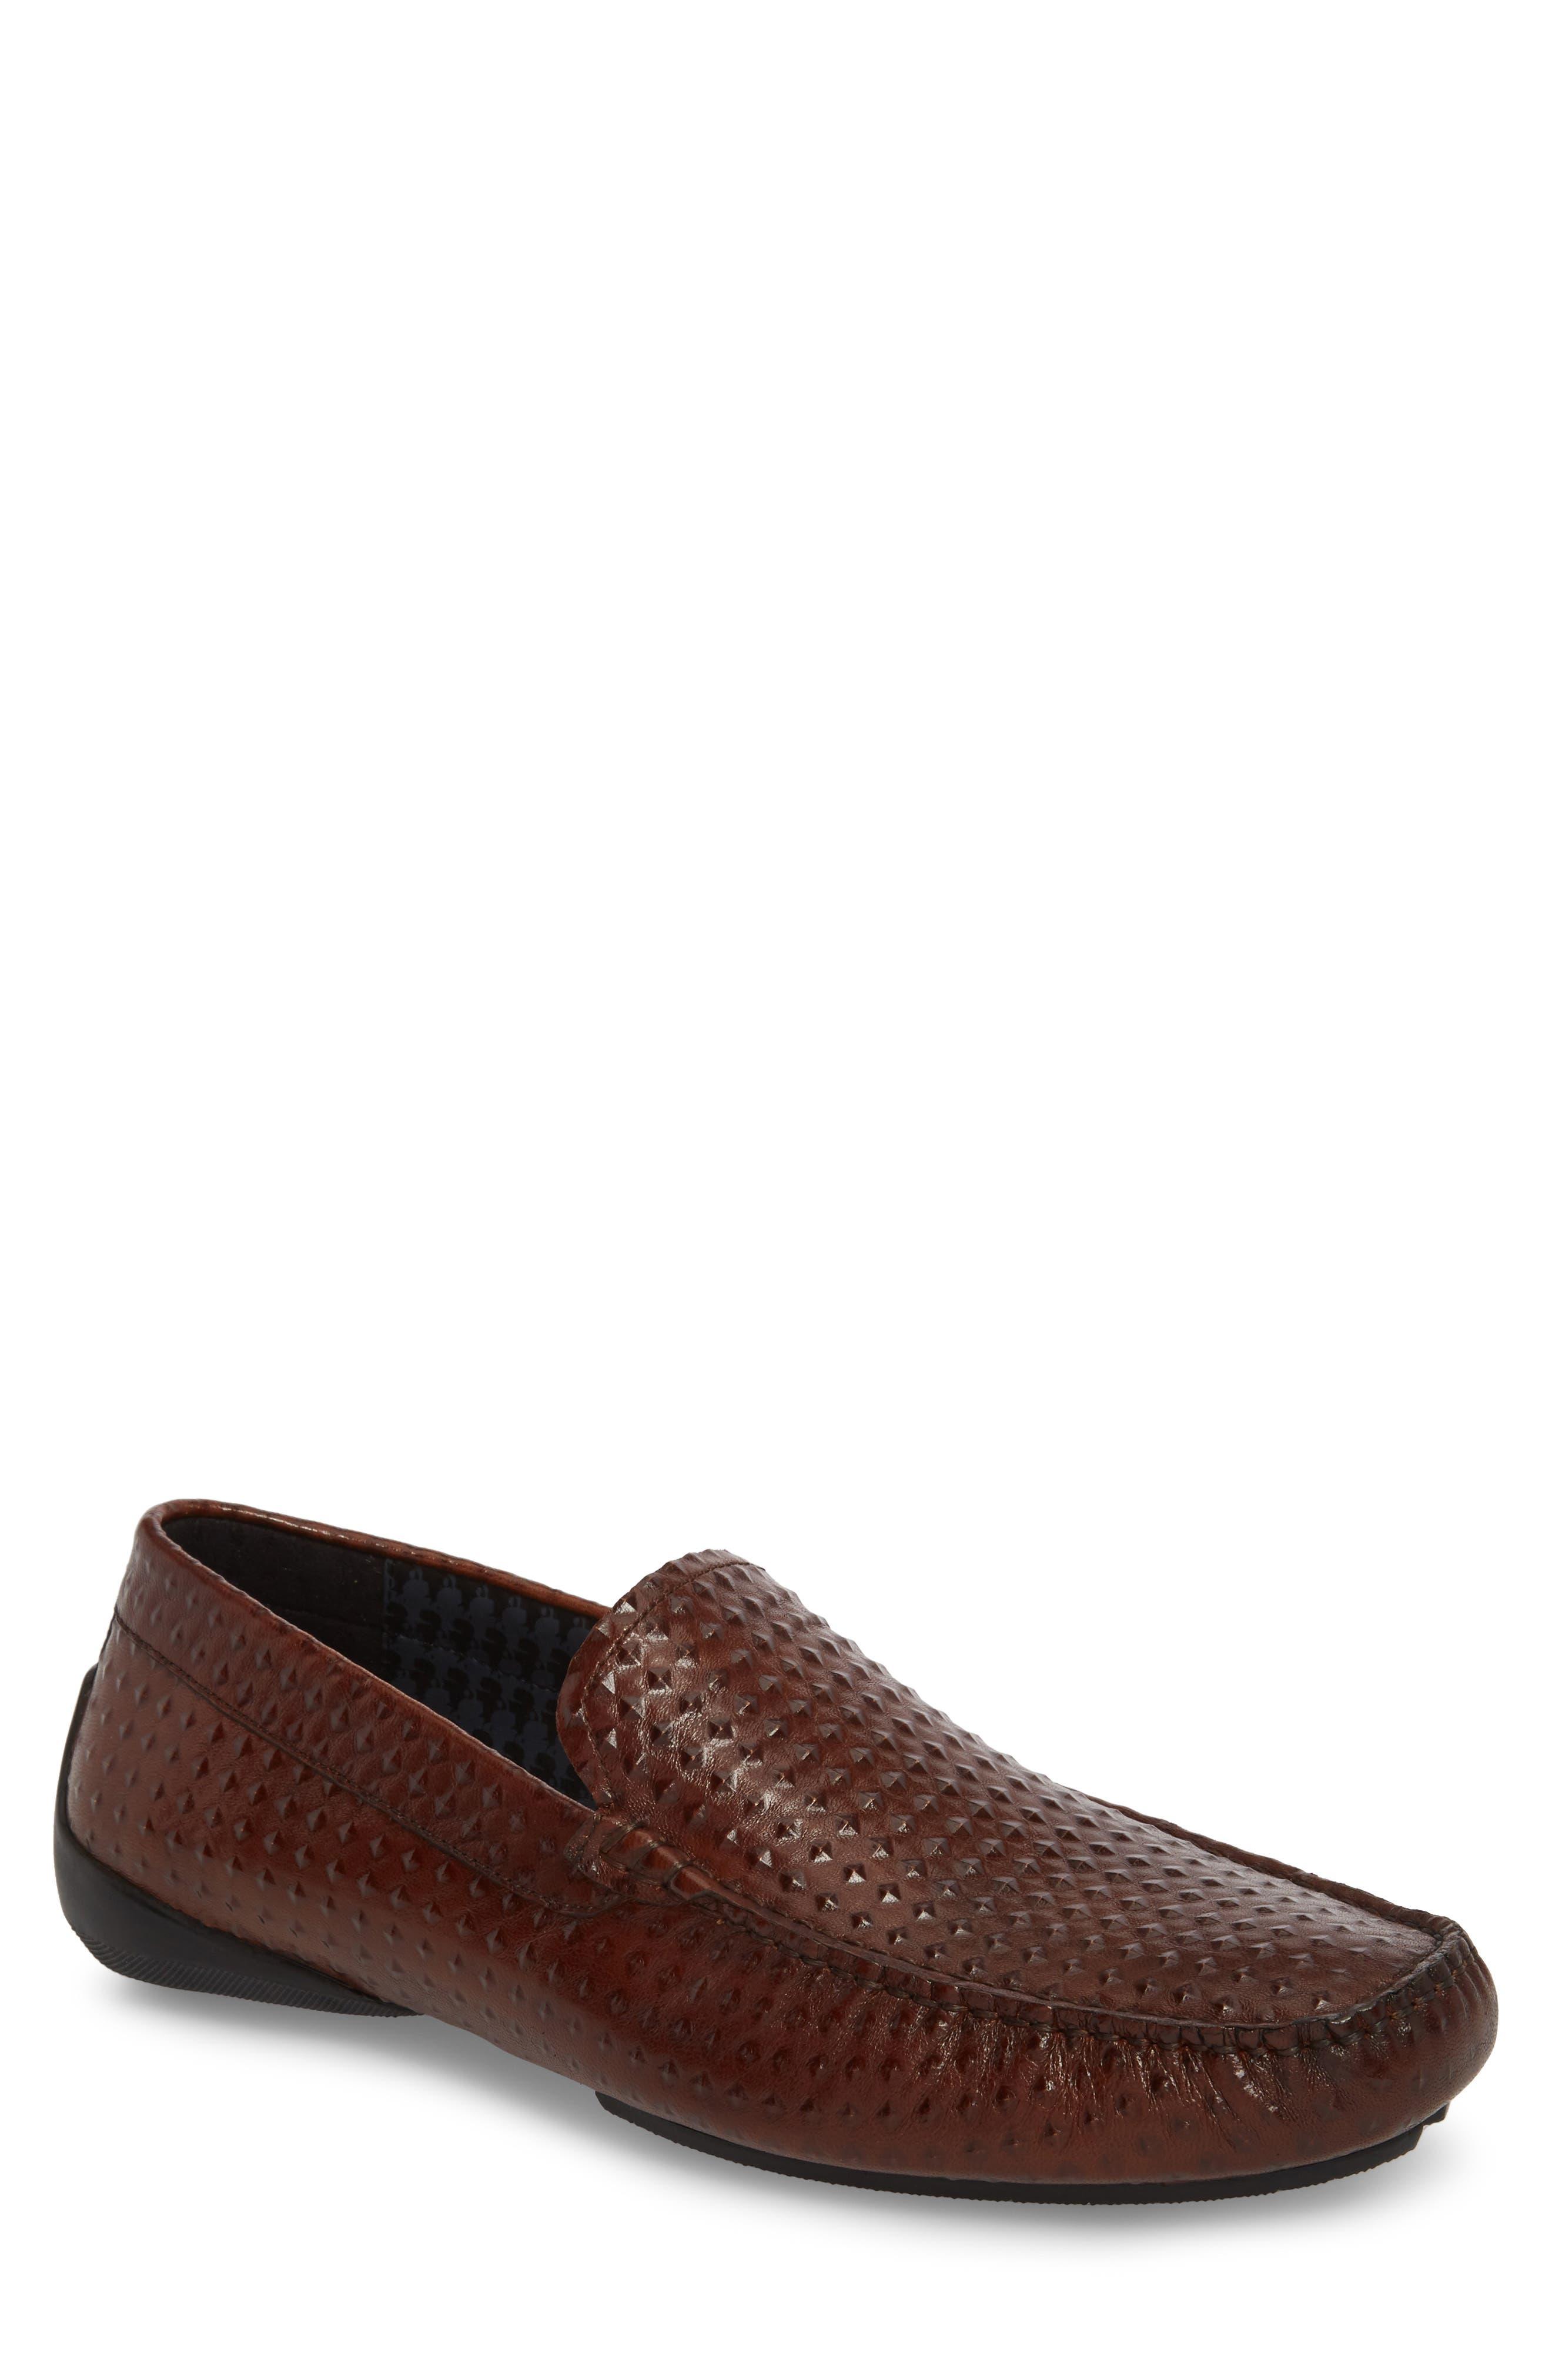 Driving Shoe,                             Main thumbnail 1, color,                             Cognac